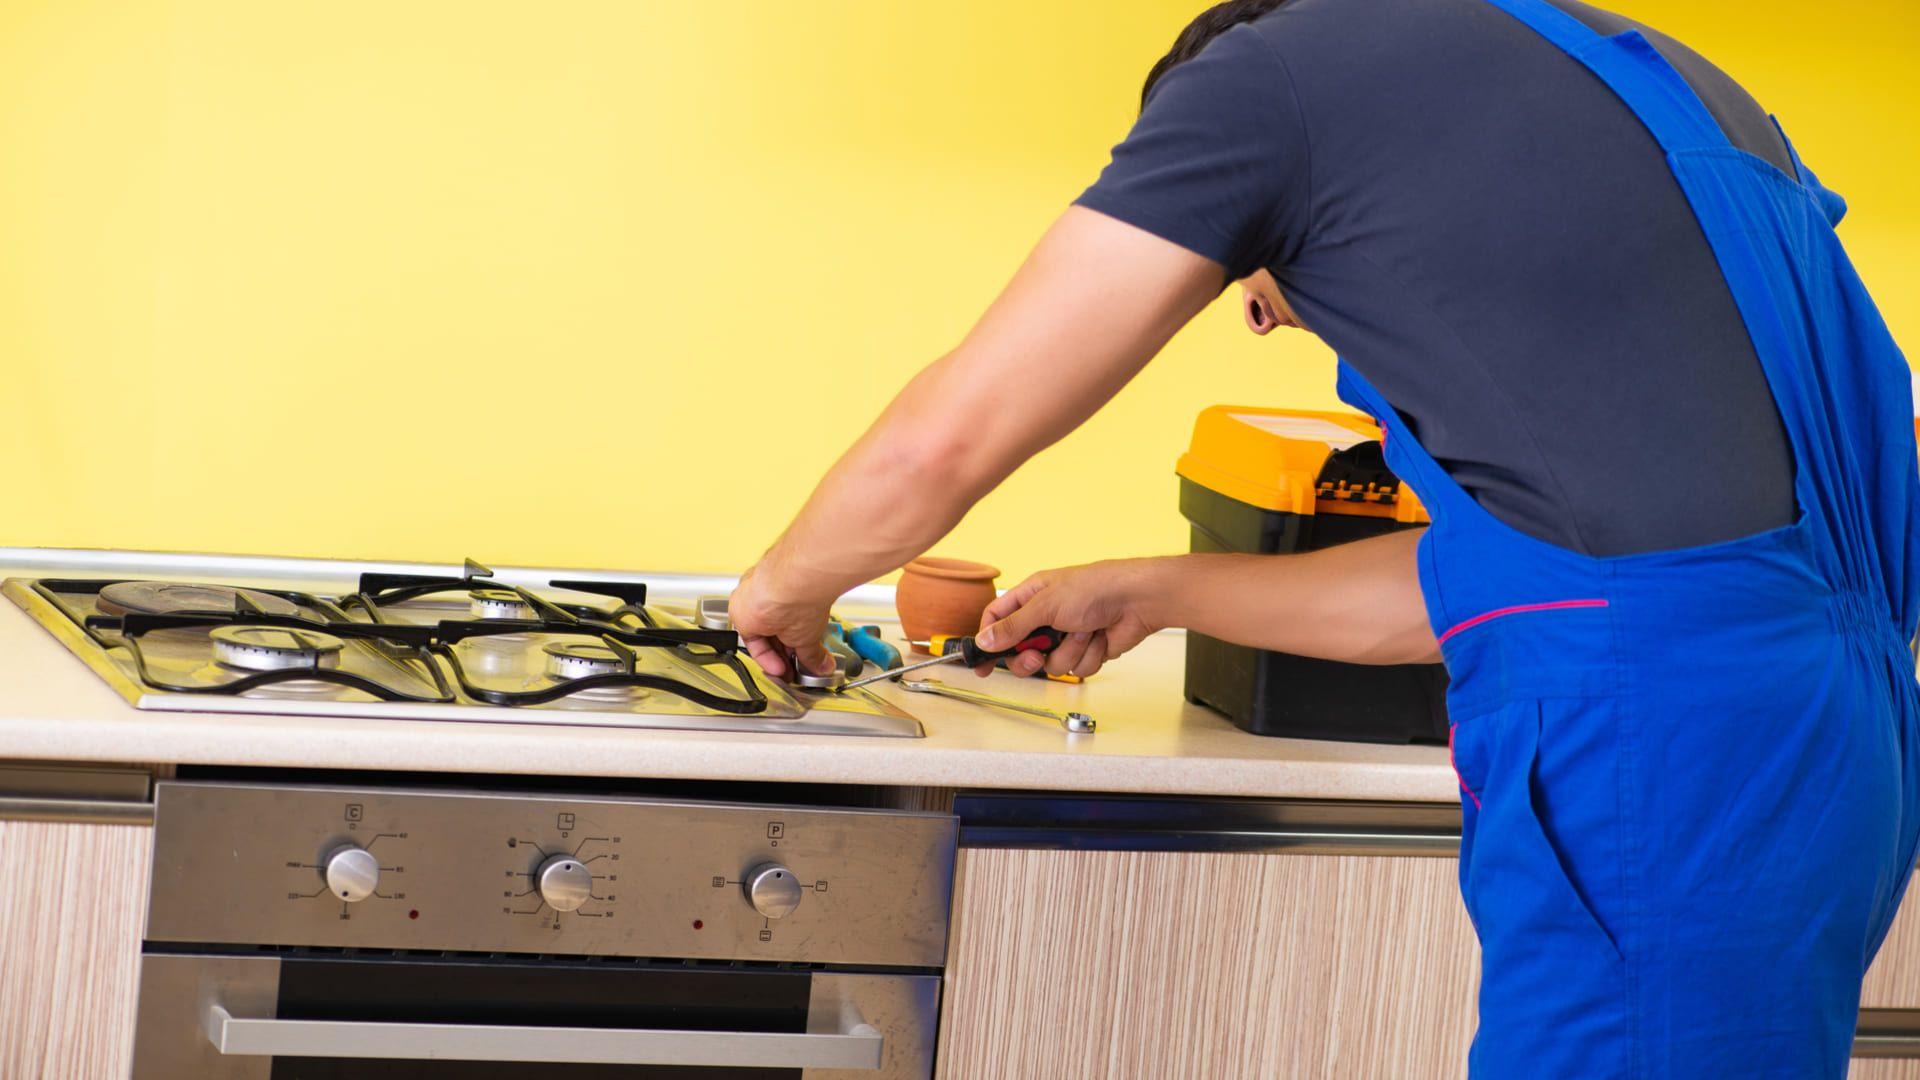 Já aconteceu de o seu fogão dar defeito e o conserto não valer a pena? (Foto: Shutterstock)